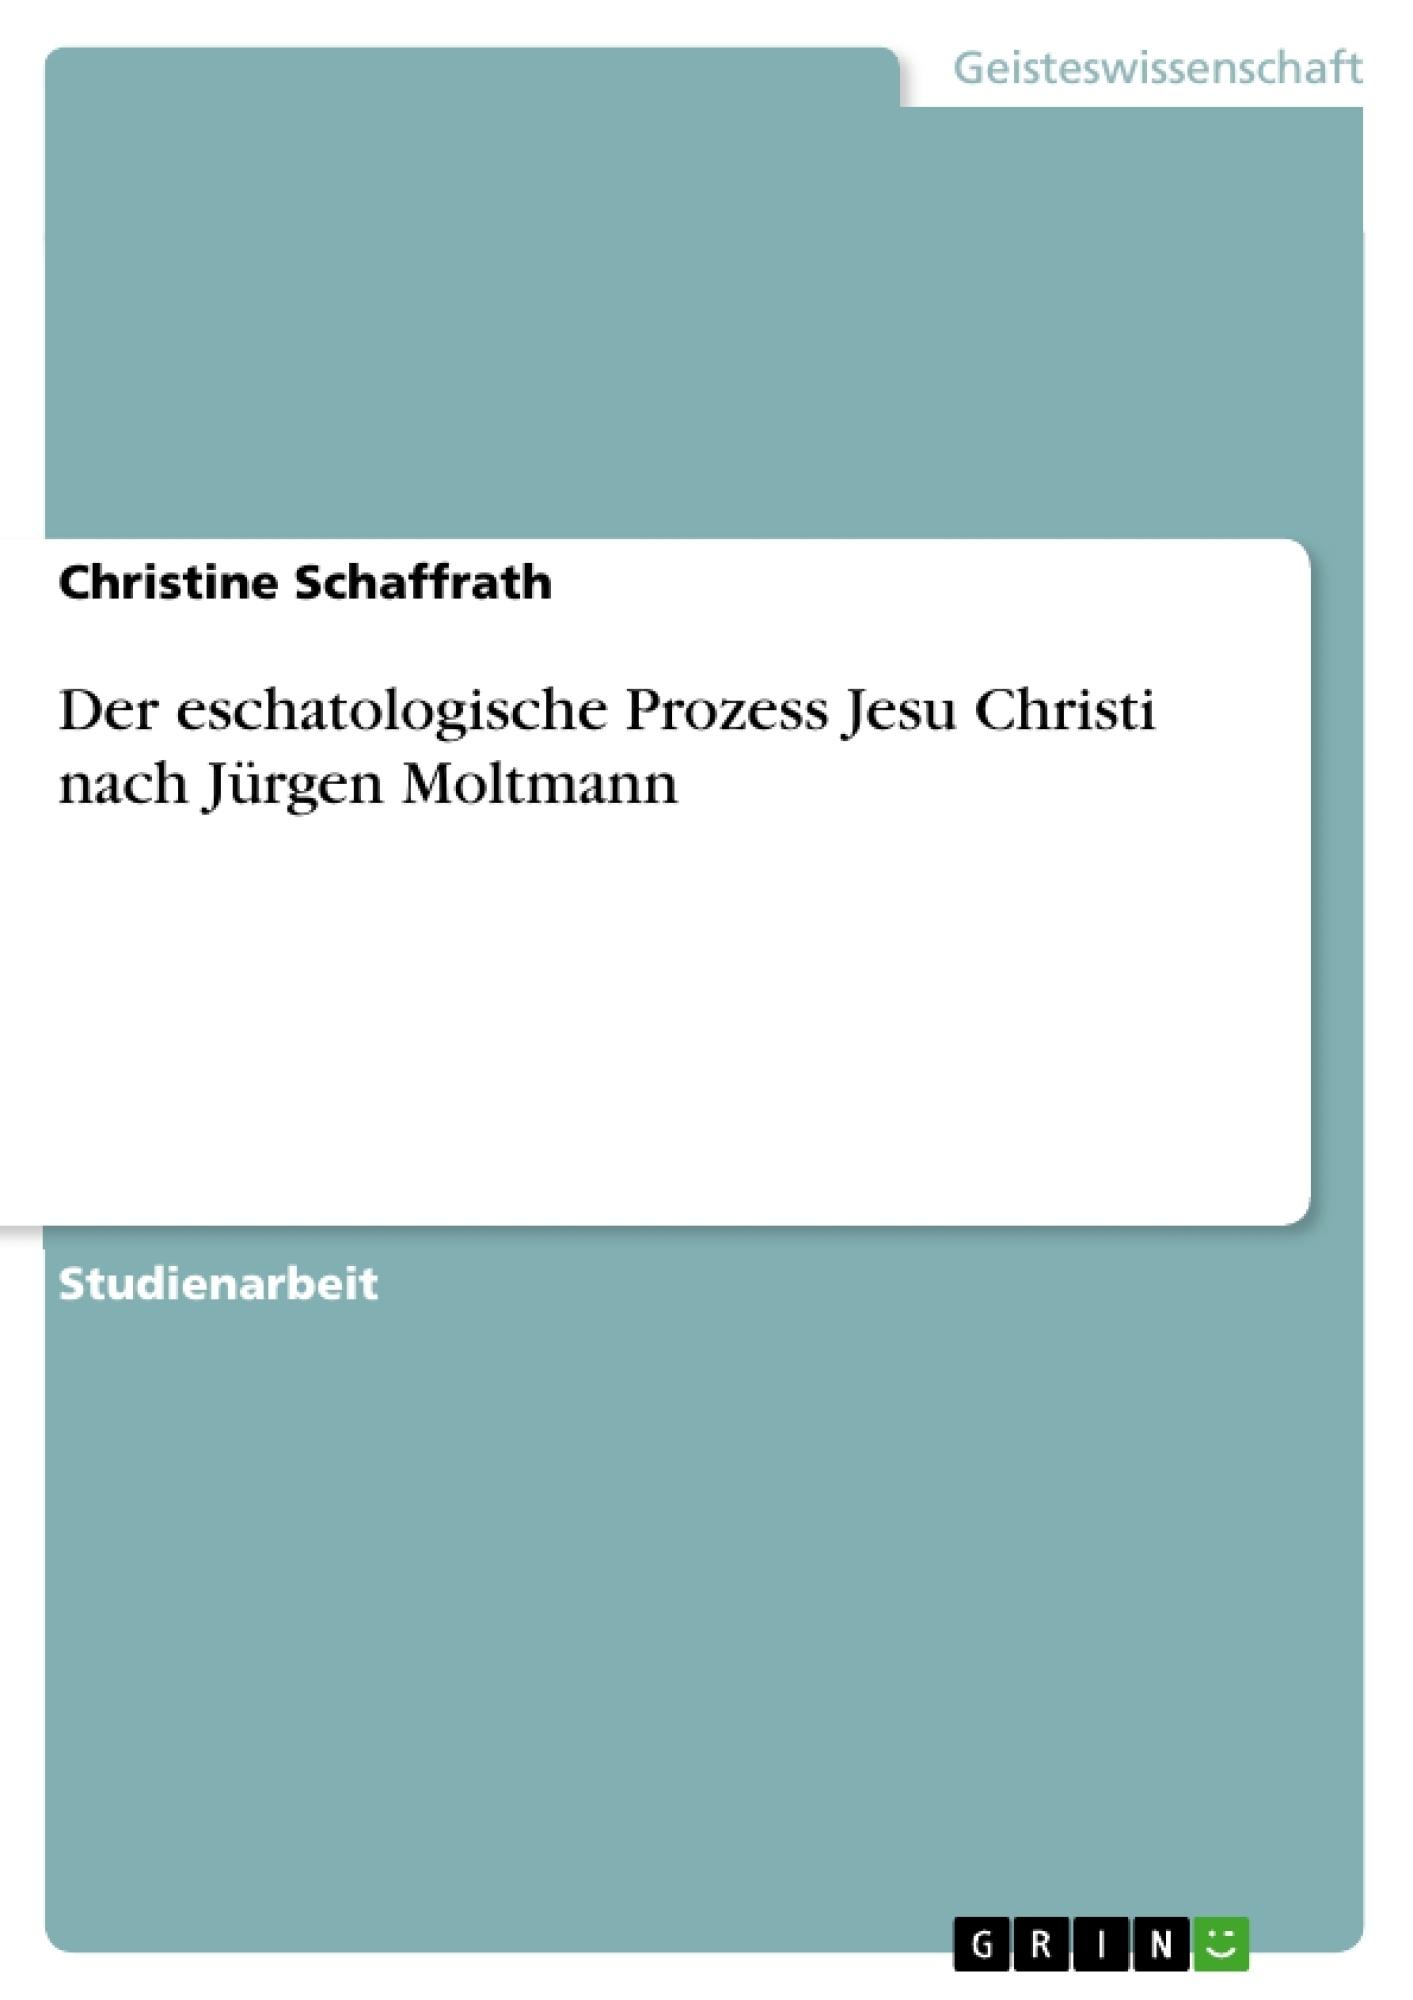 Titel: Der eschatologische Prozess Jesu Christi nach Jürgen Moltmann